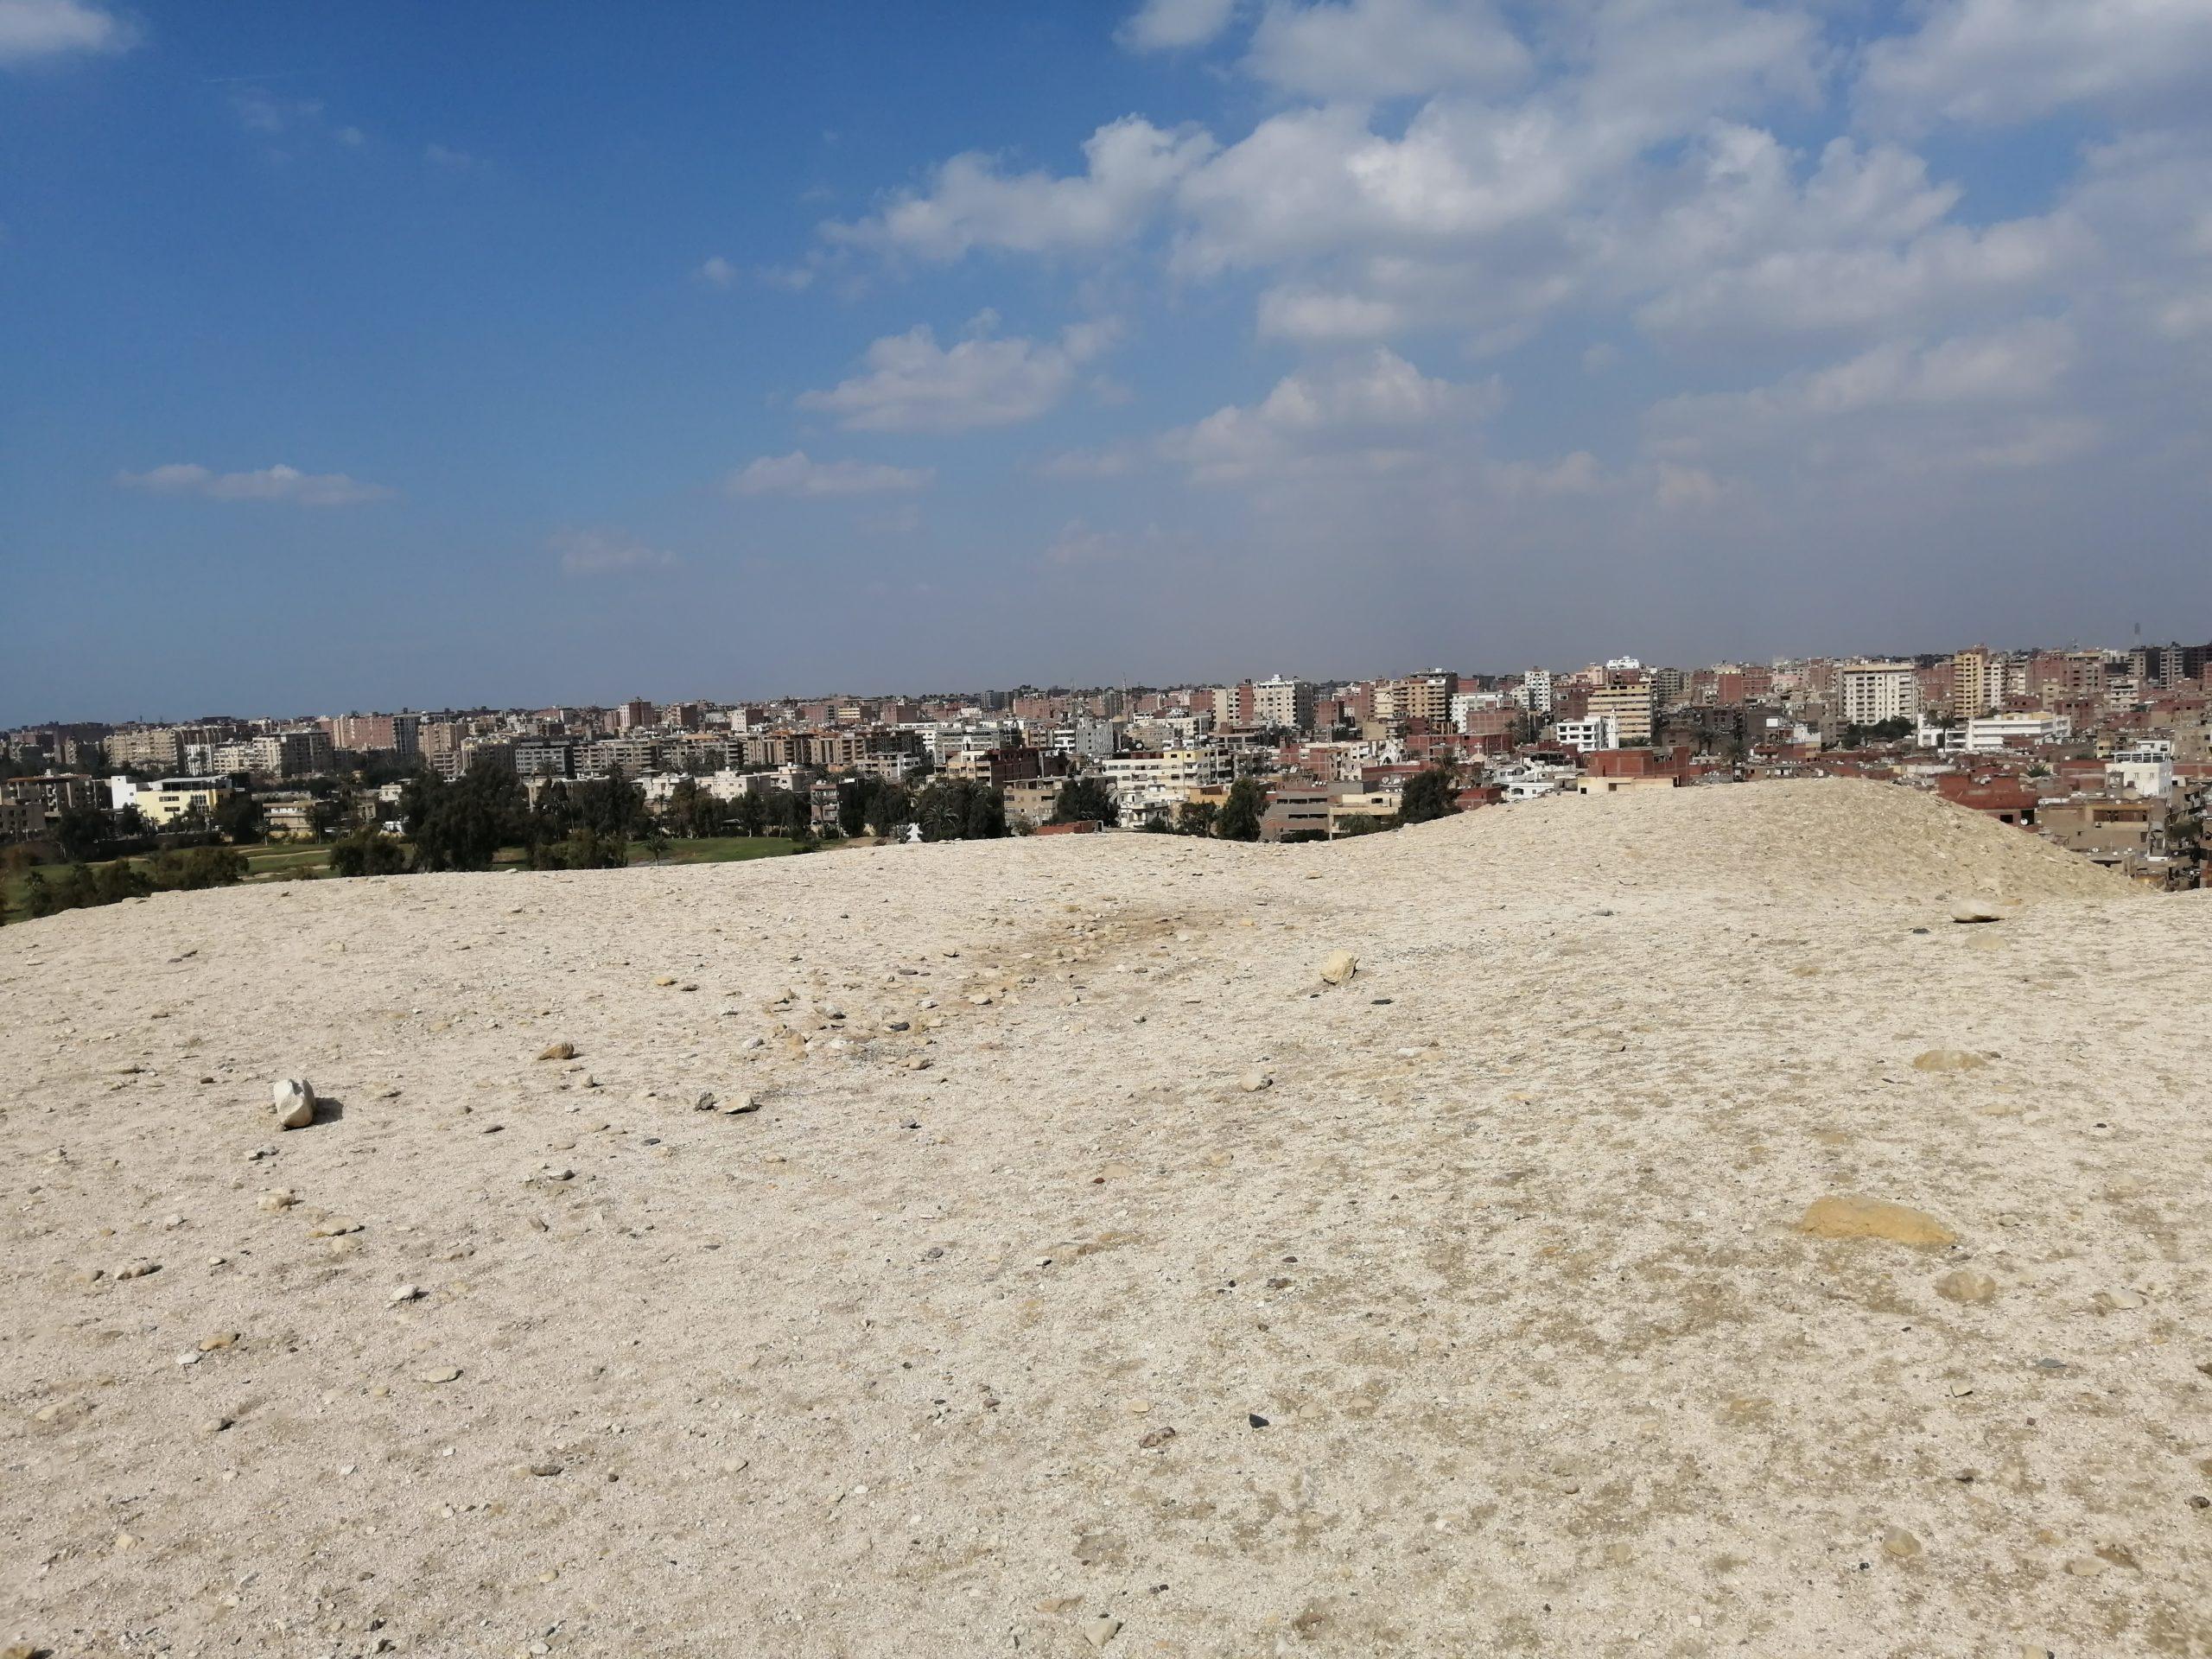 ギザのピラミッドから見える街